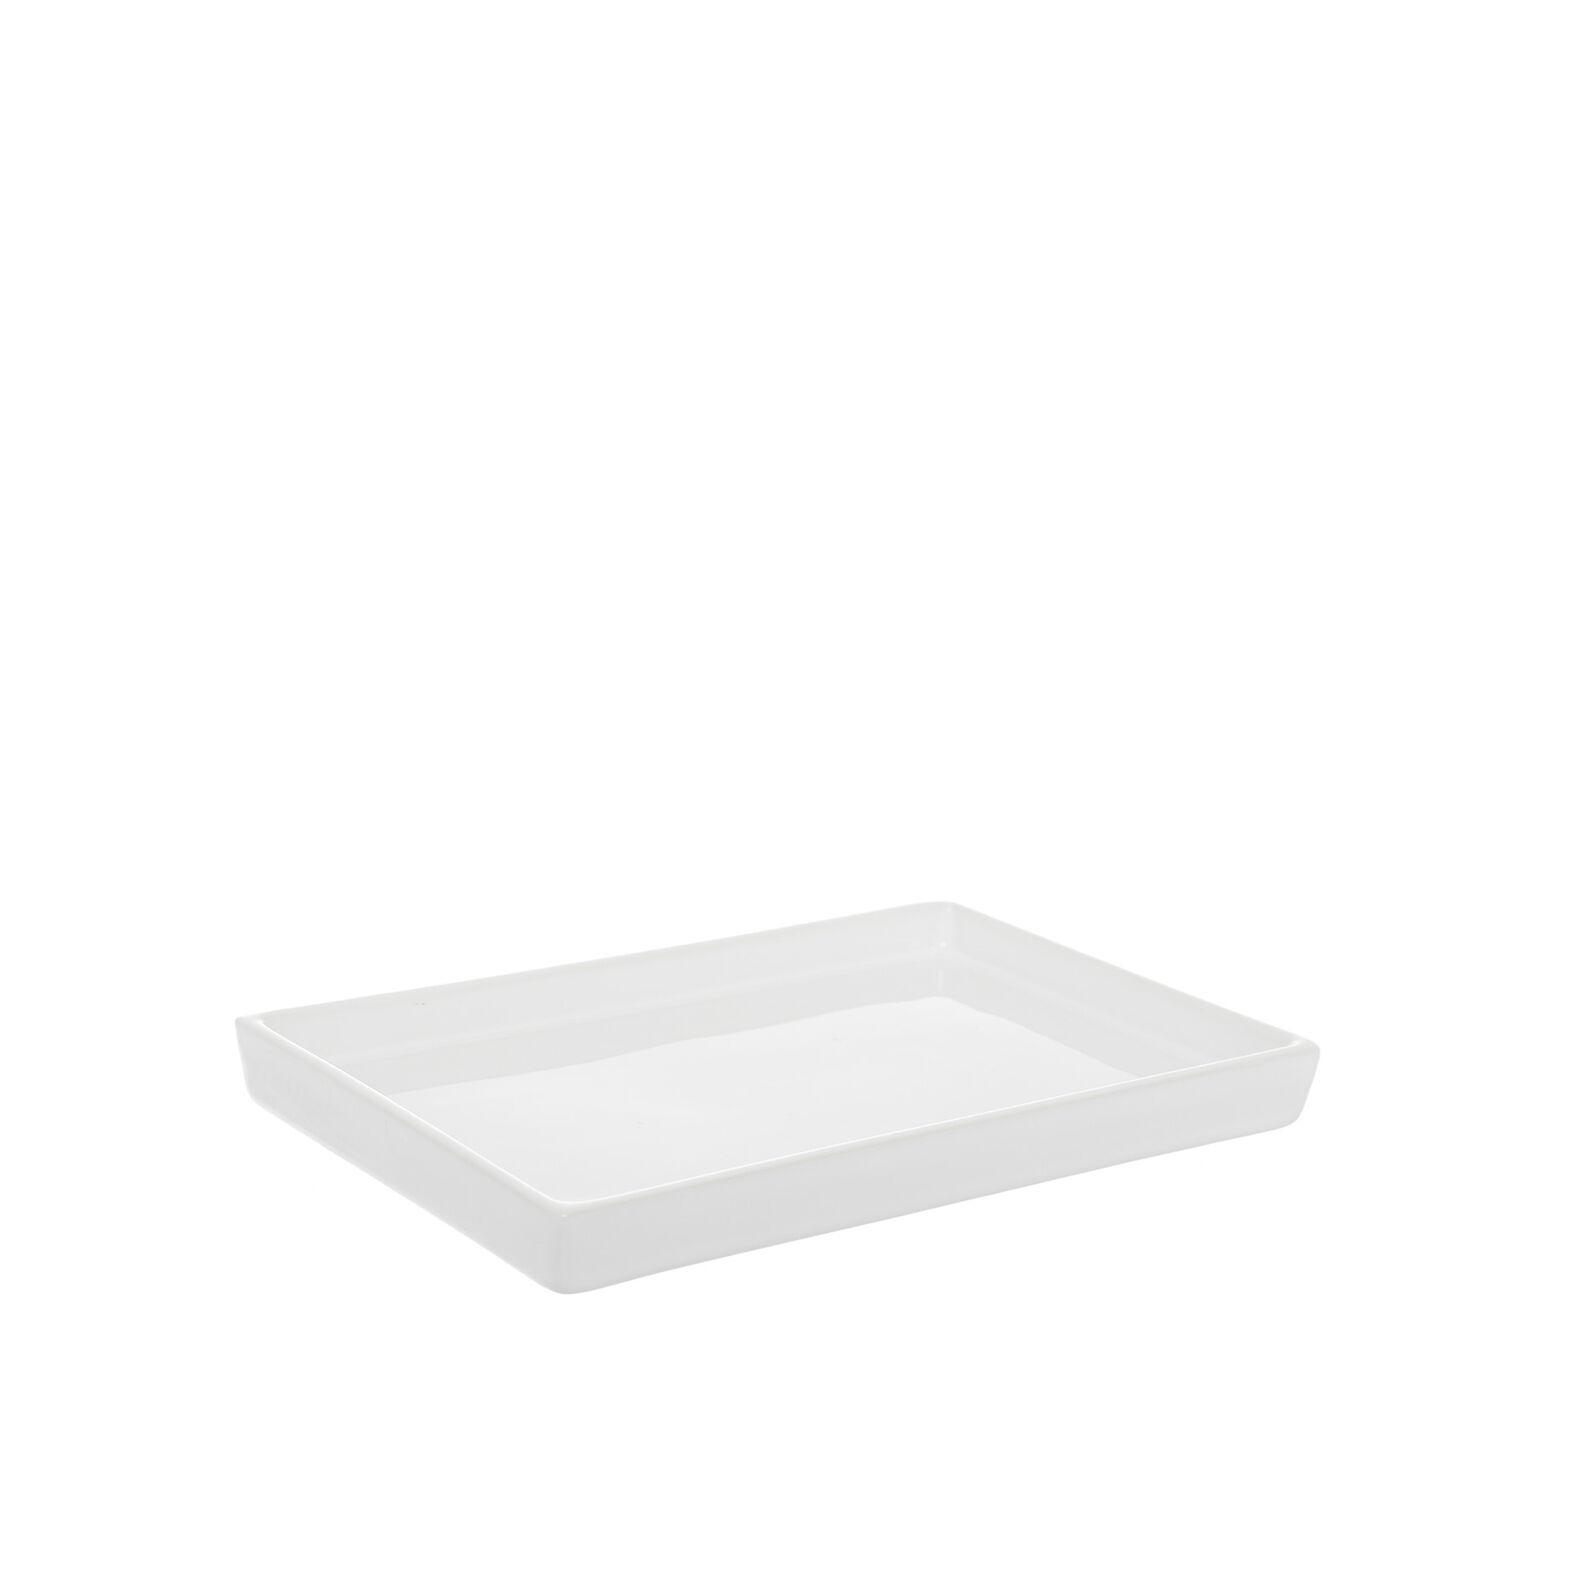 Quadra decorative handmade ceramic tray